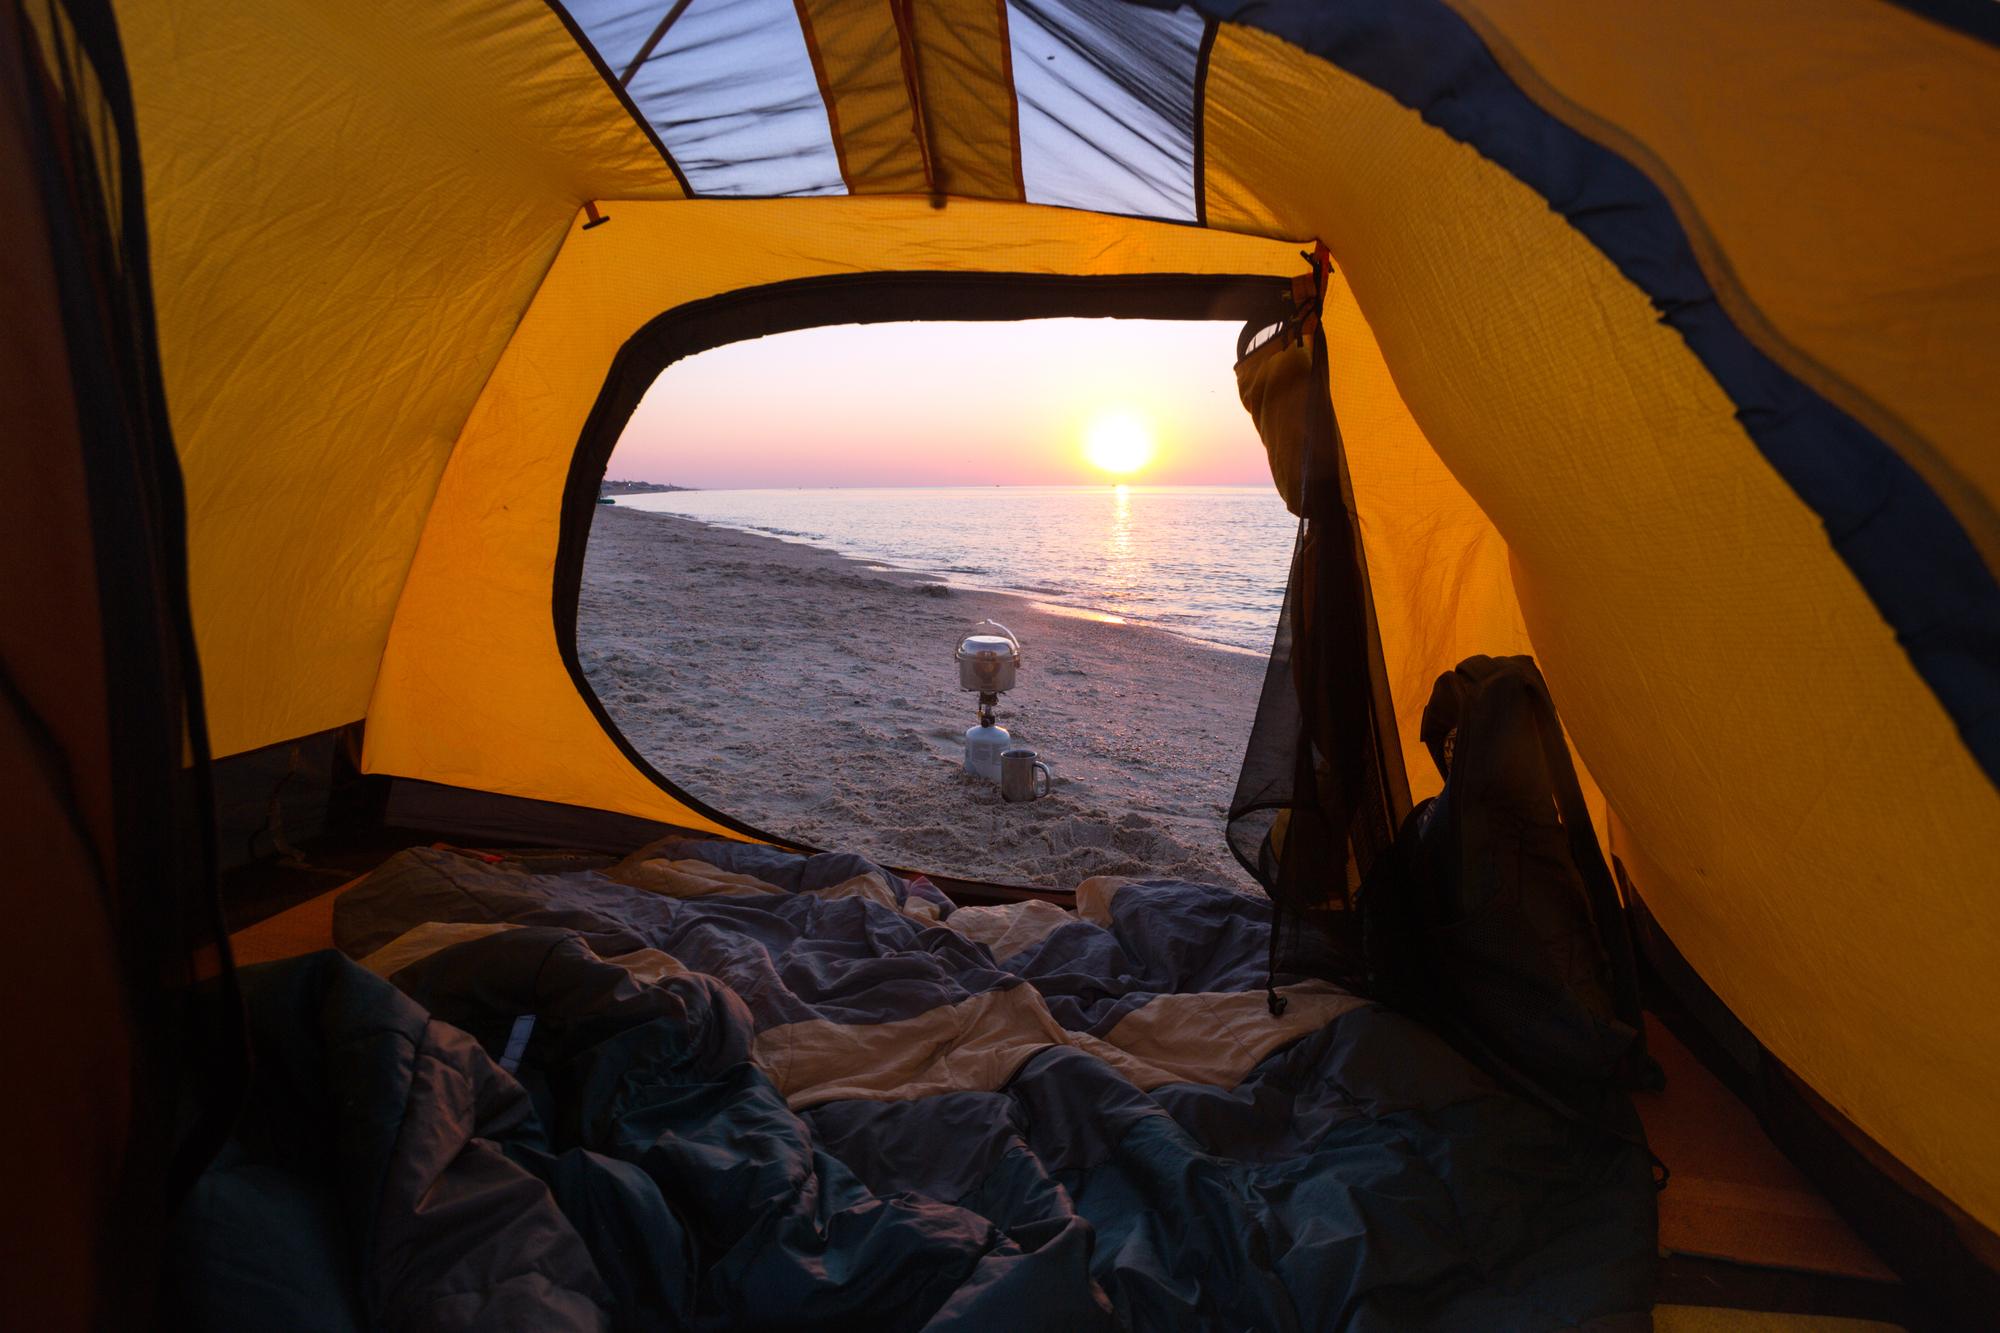 海辺に出没する害虫に要注意!海辺のキャンプでは虫除け対策を万全に